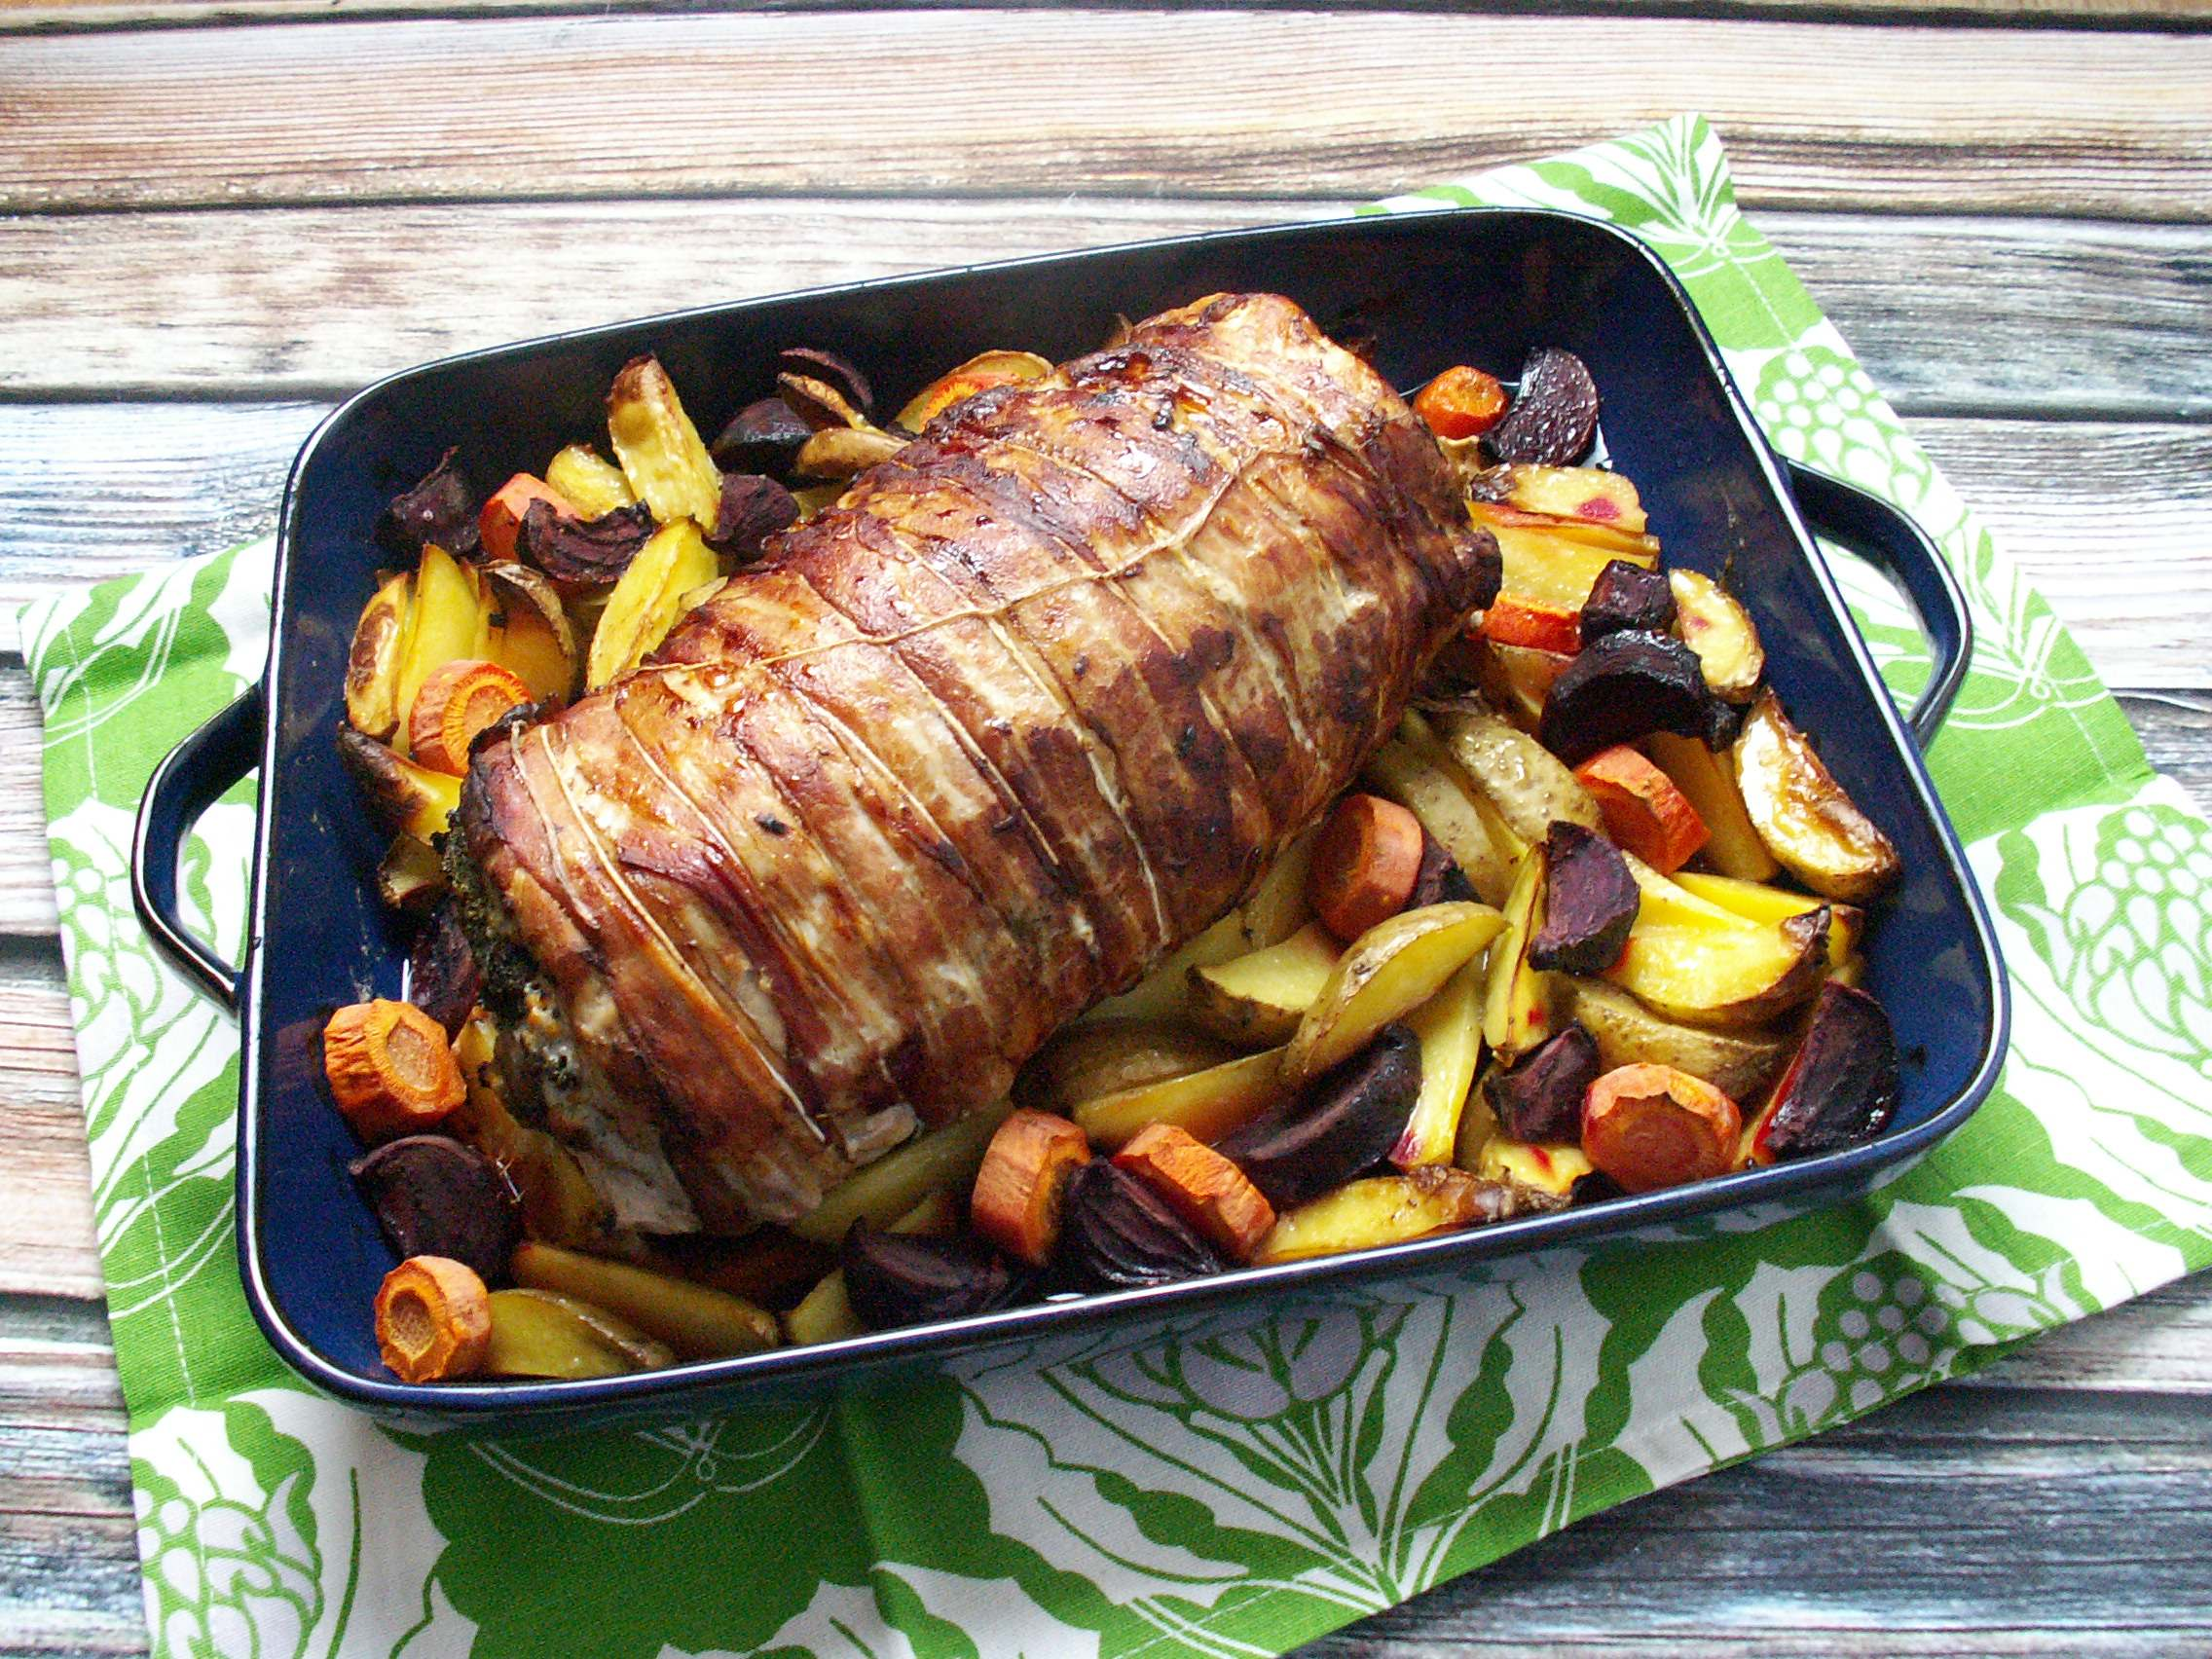 Pyszny schab faszerowany mięsem mielonym z jabłkami, grzybami i jarmużem